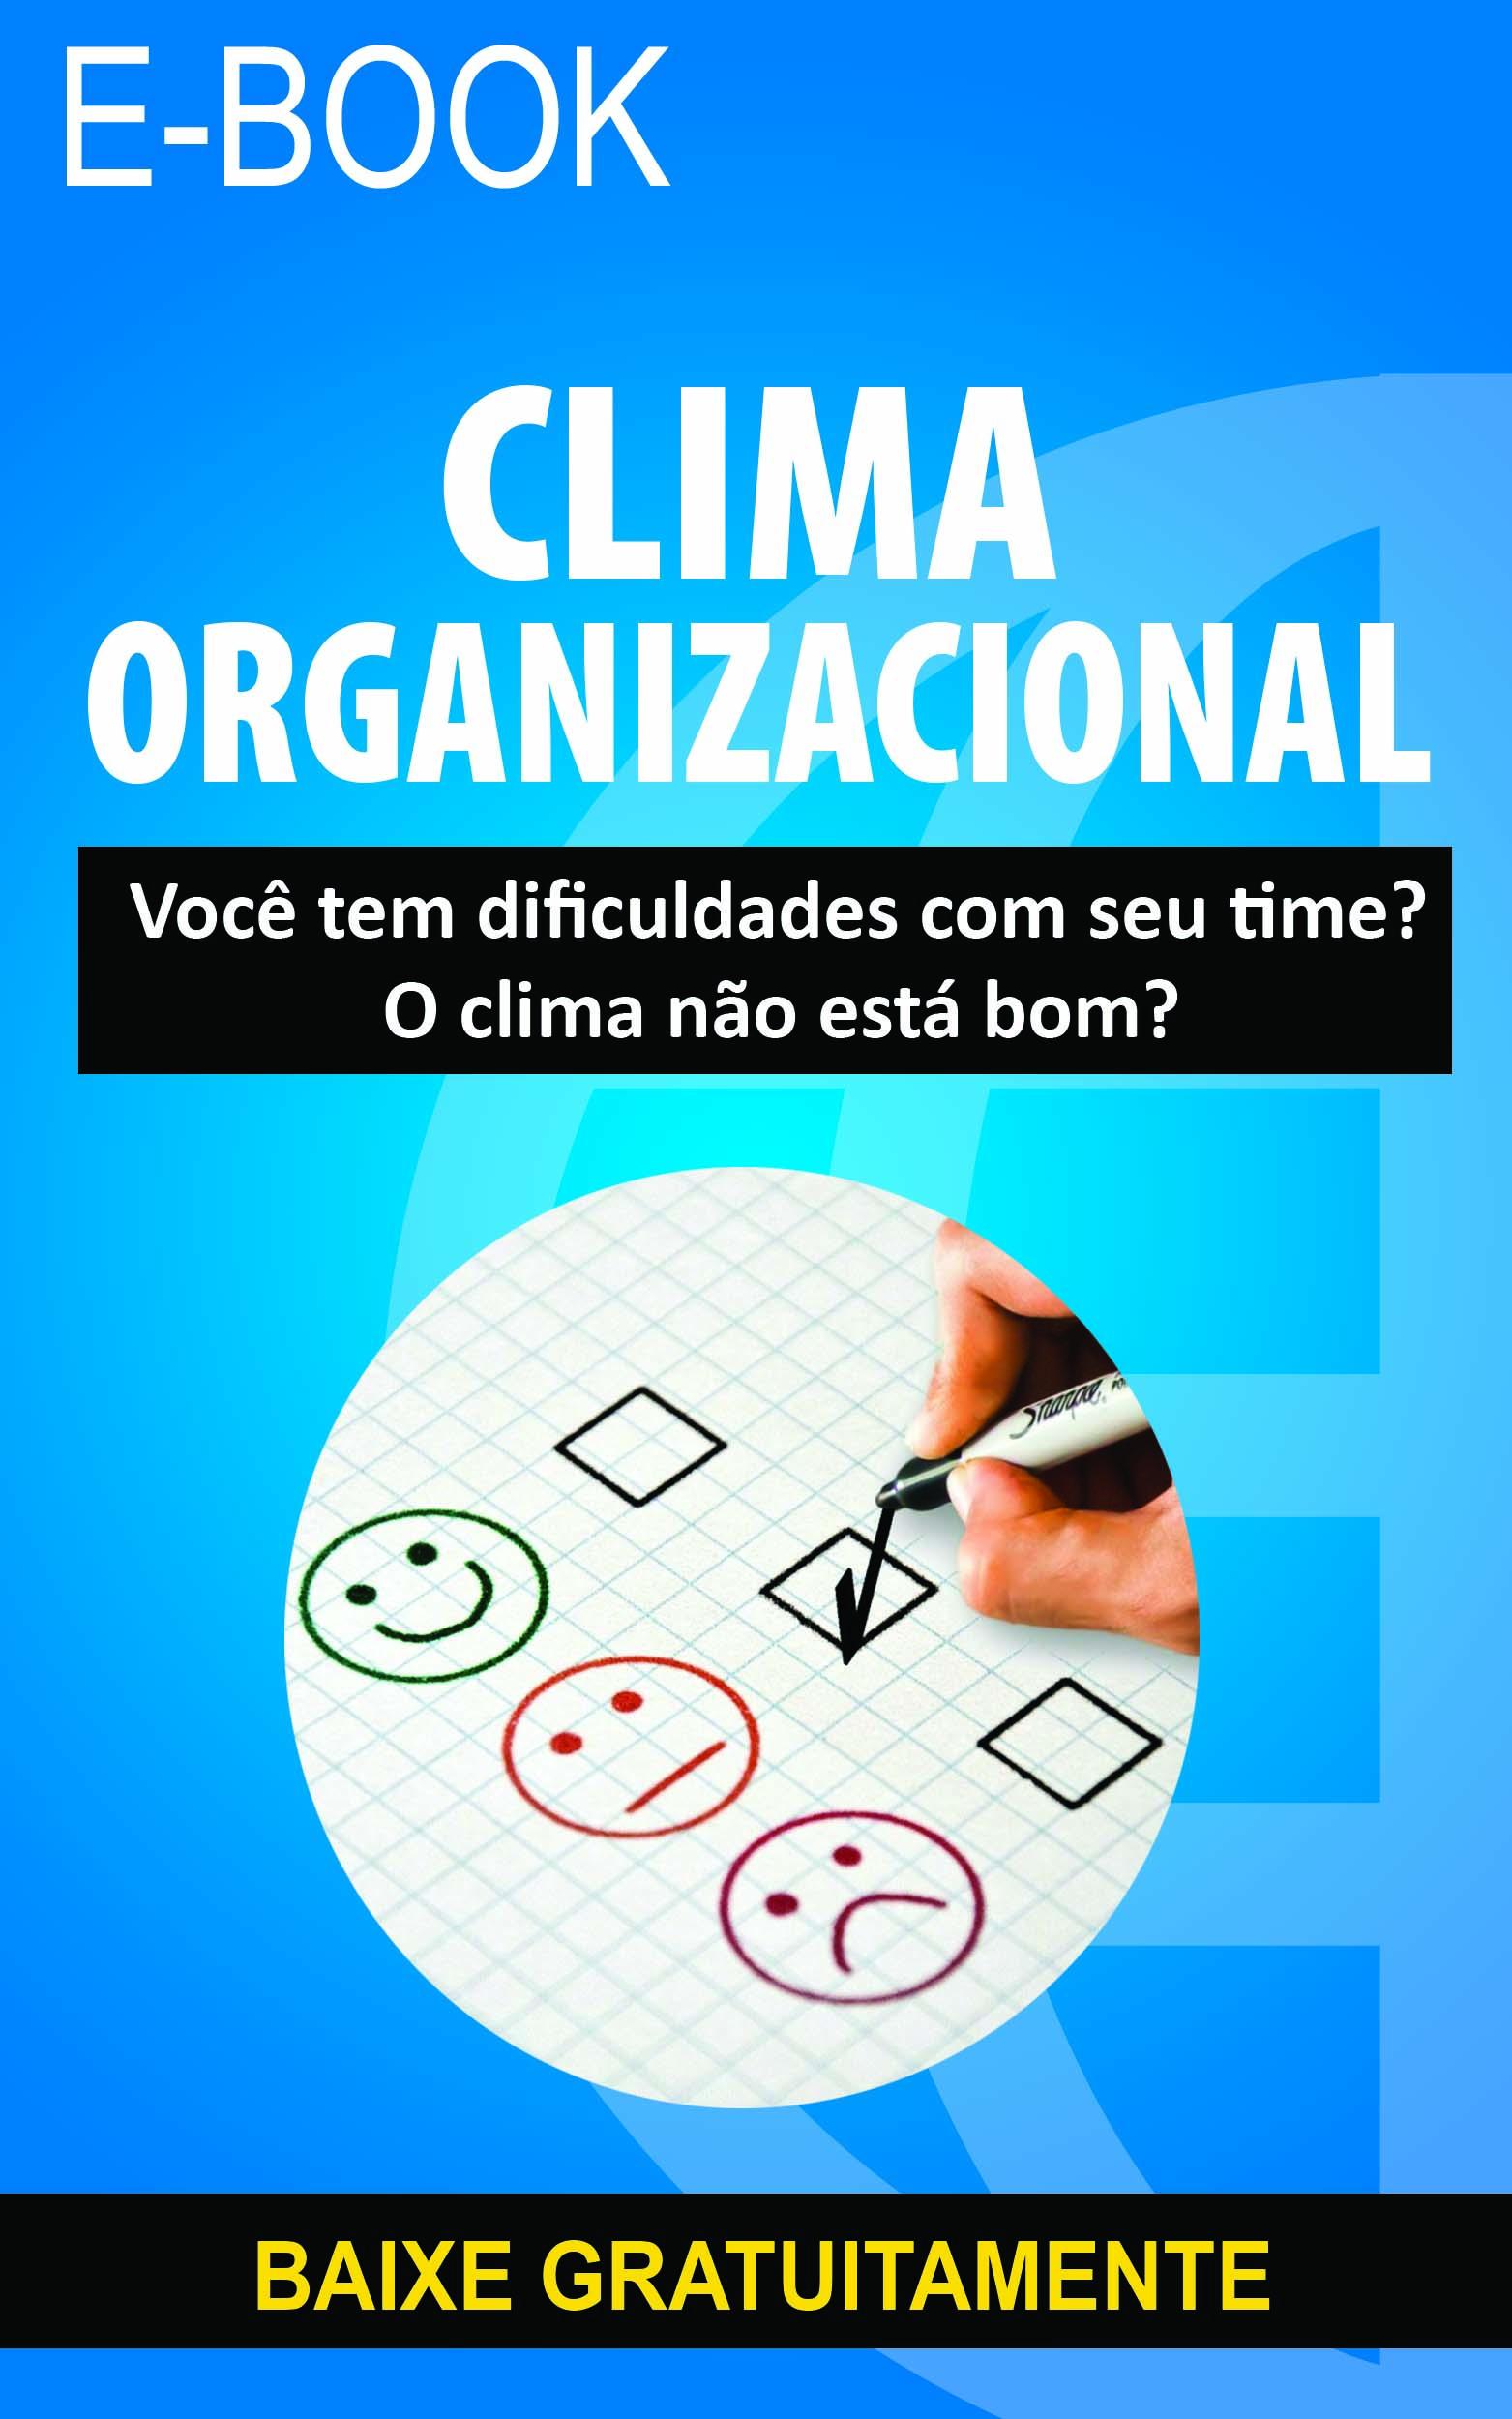 E-book Clima Organizacional - Baixe Gratuitamente